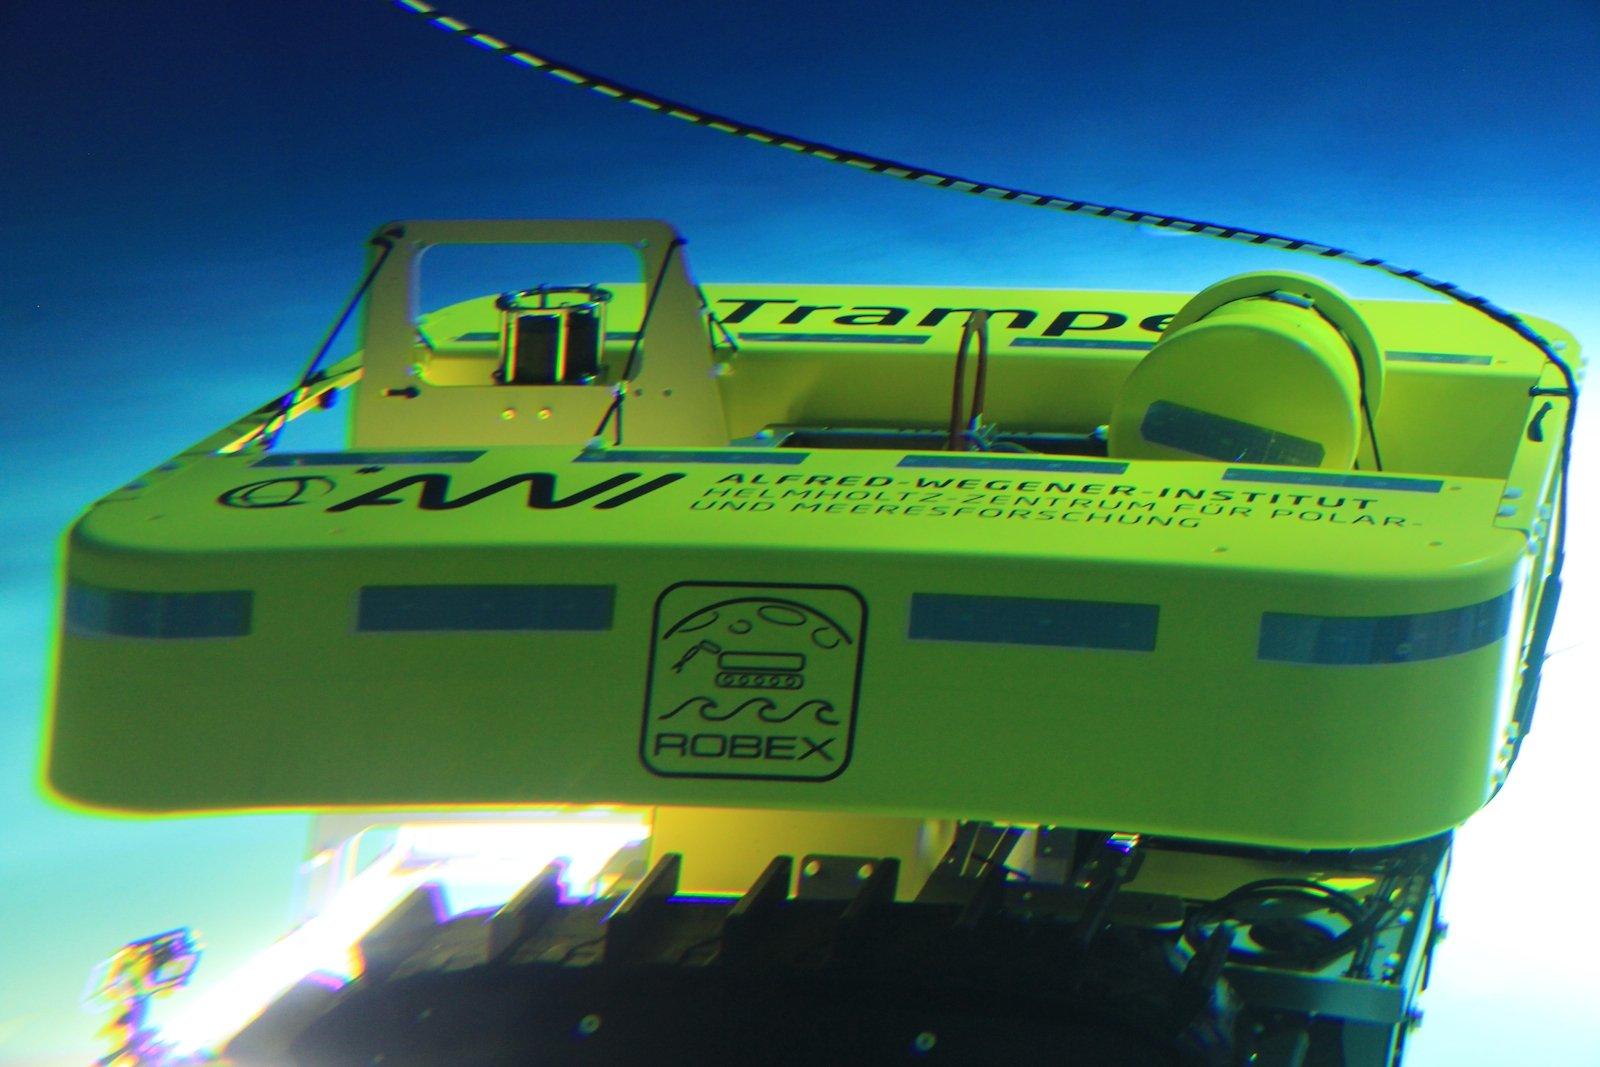 Der AWI-Tiefseeroboter Tramper ist langsam, er bewegt sich mit maximal 13 Meter pro Minute über den Meeresboden, um nicht so viel Sediment aufzuwirbeln.